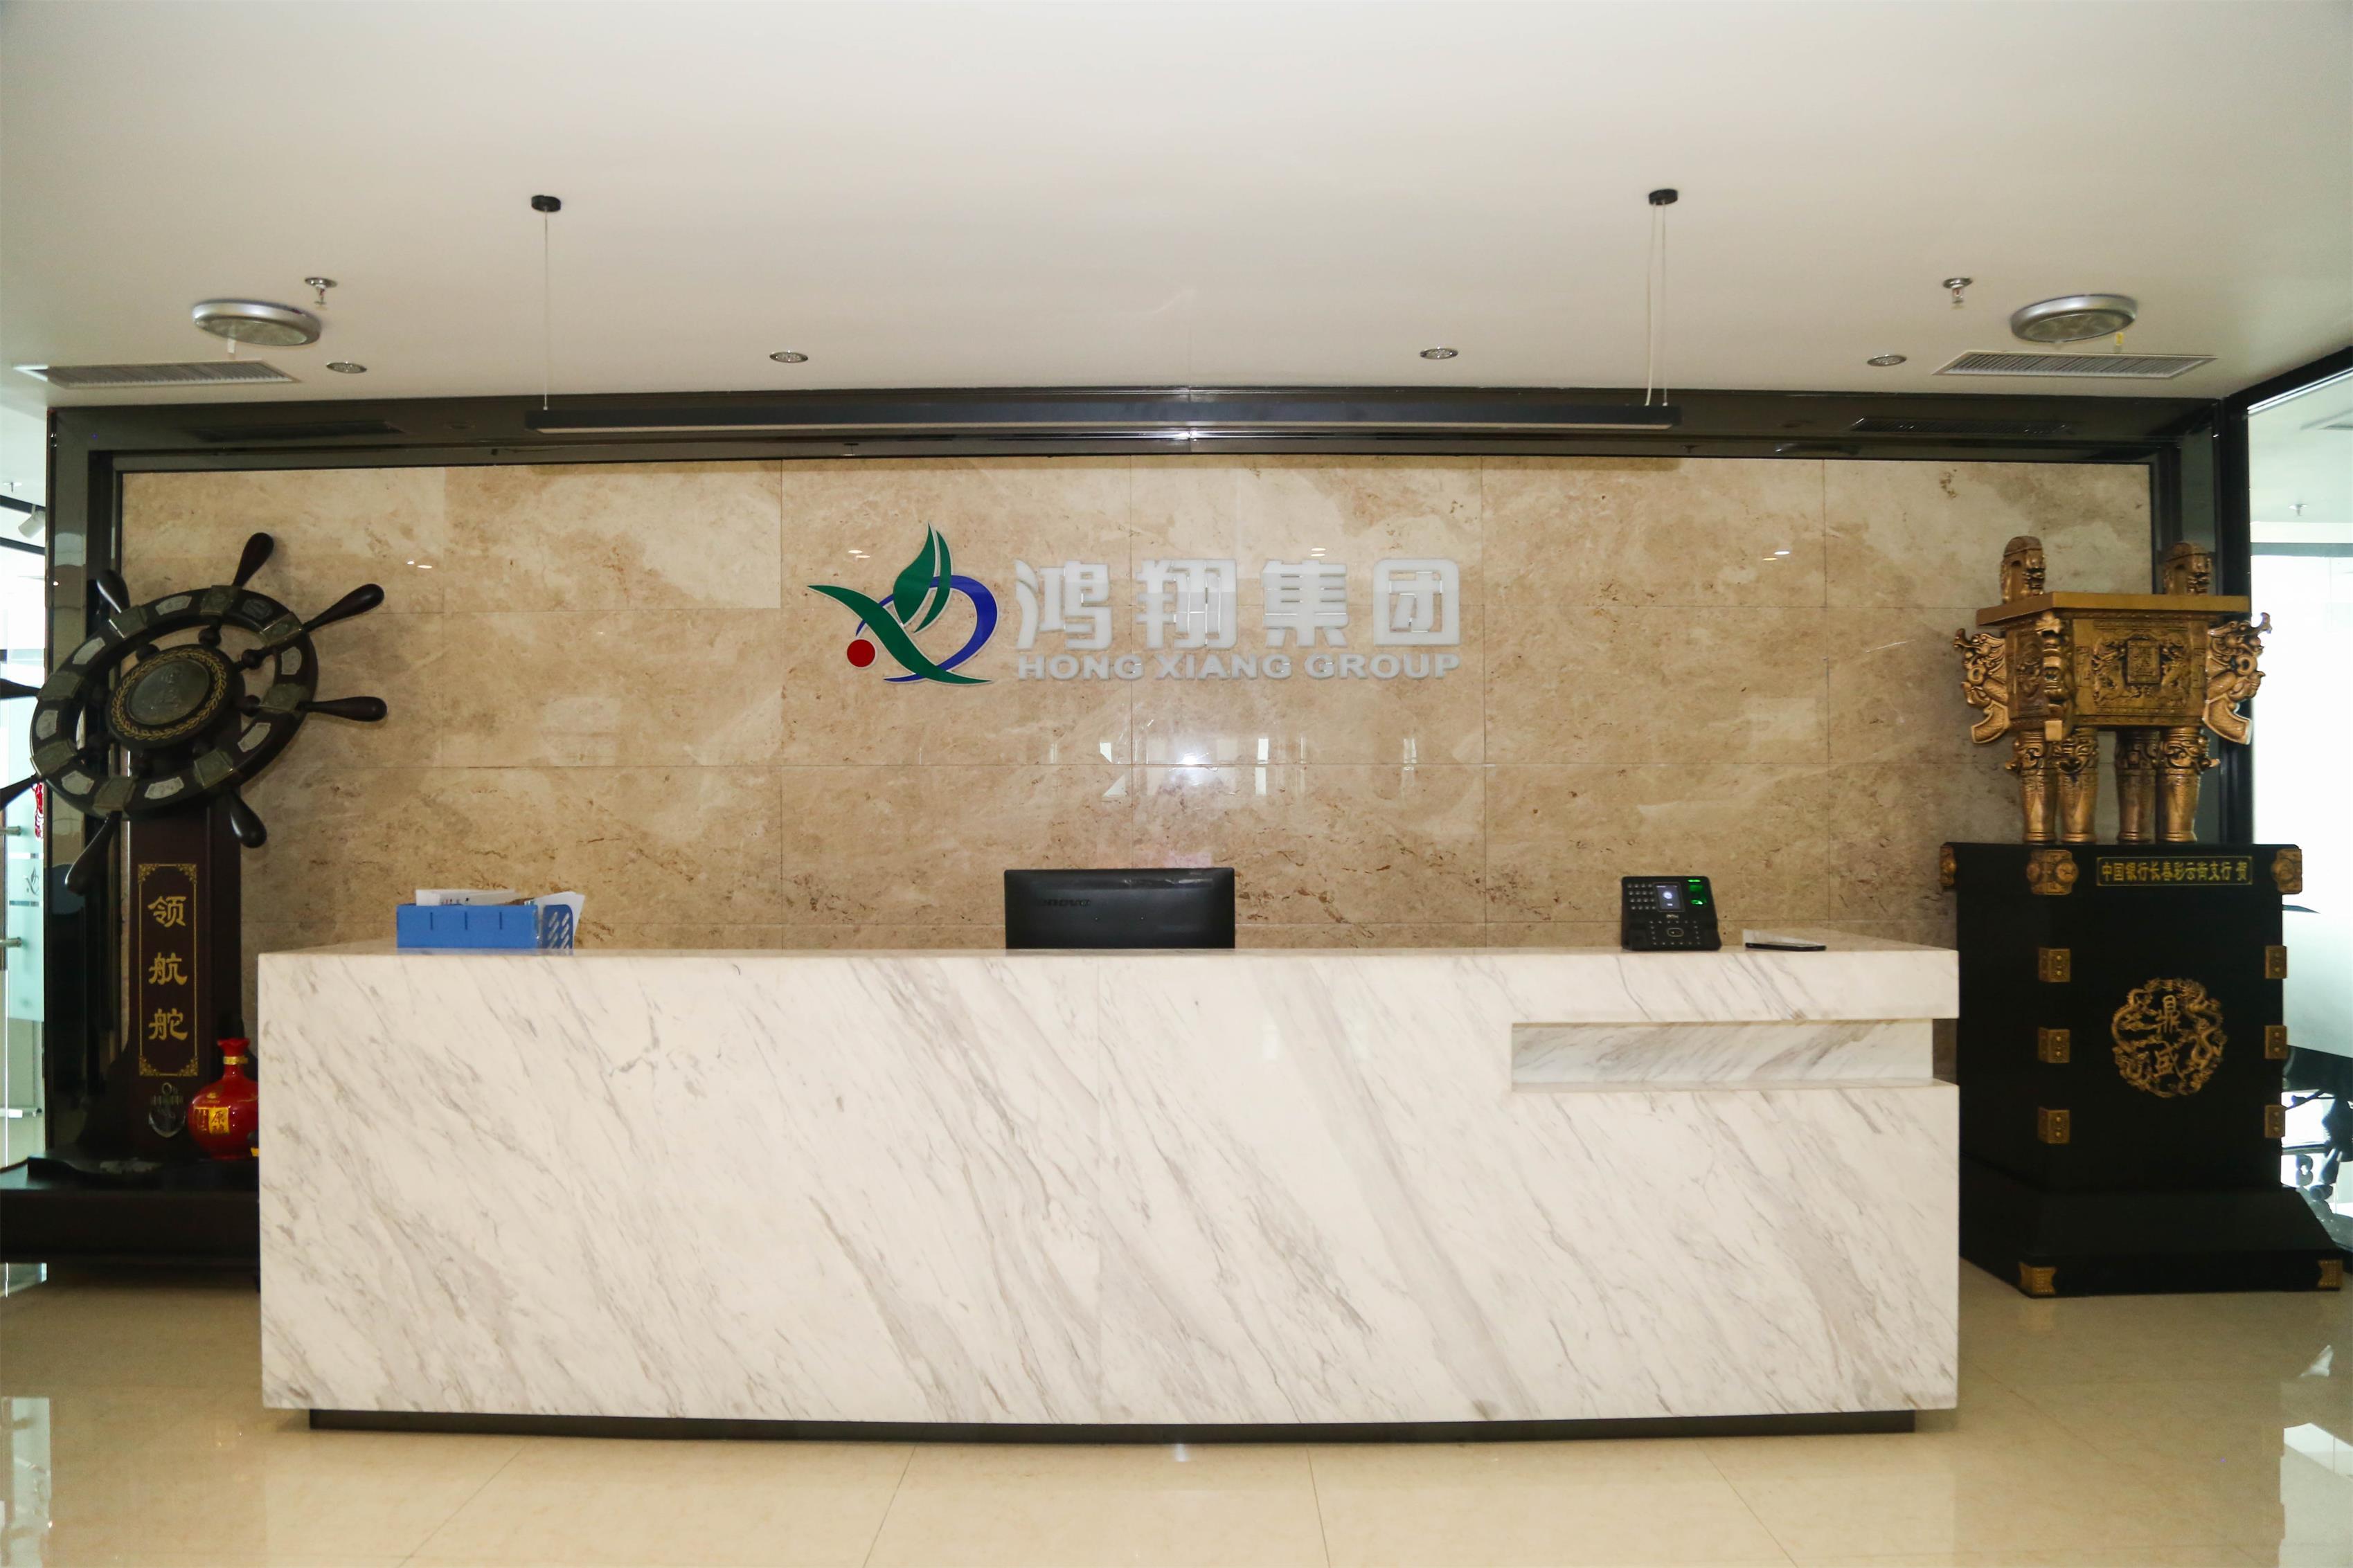 吉林省鴻翔農業集團鴻翔種業有限公司